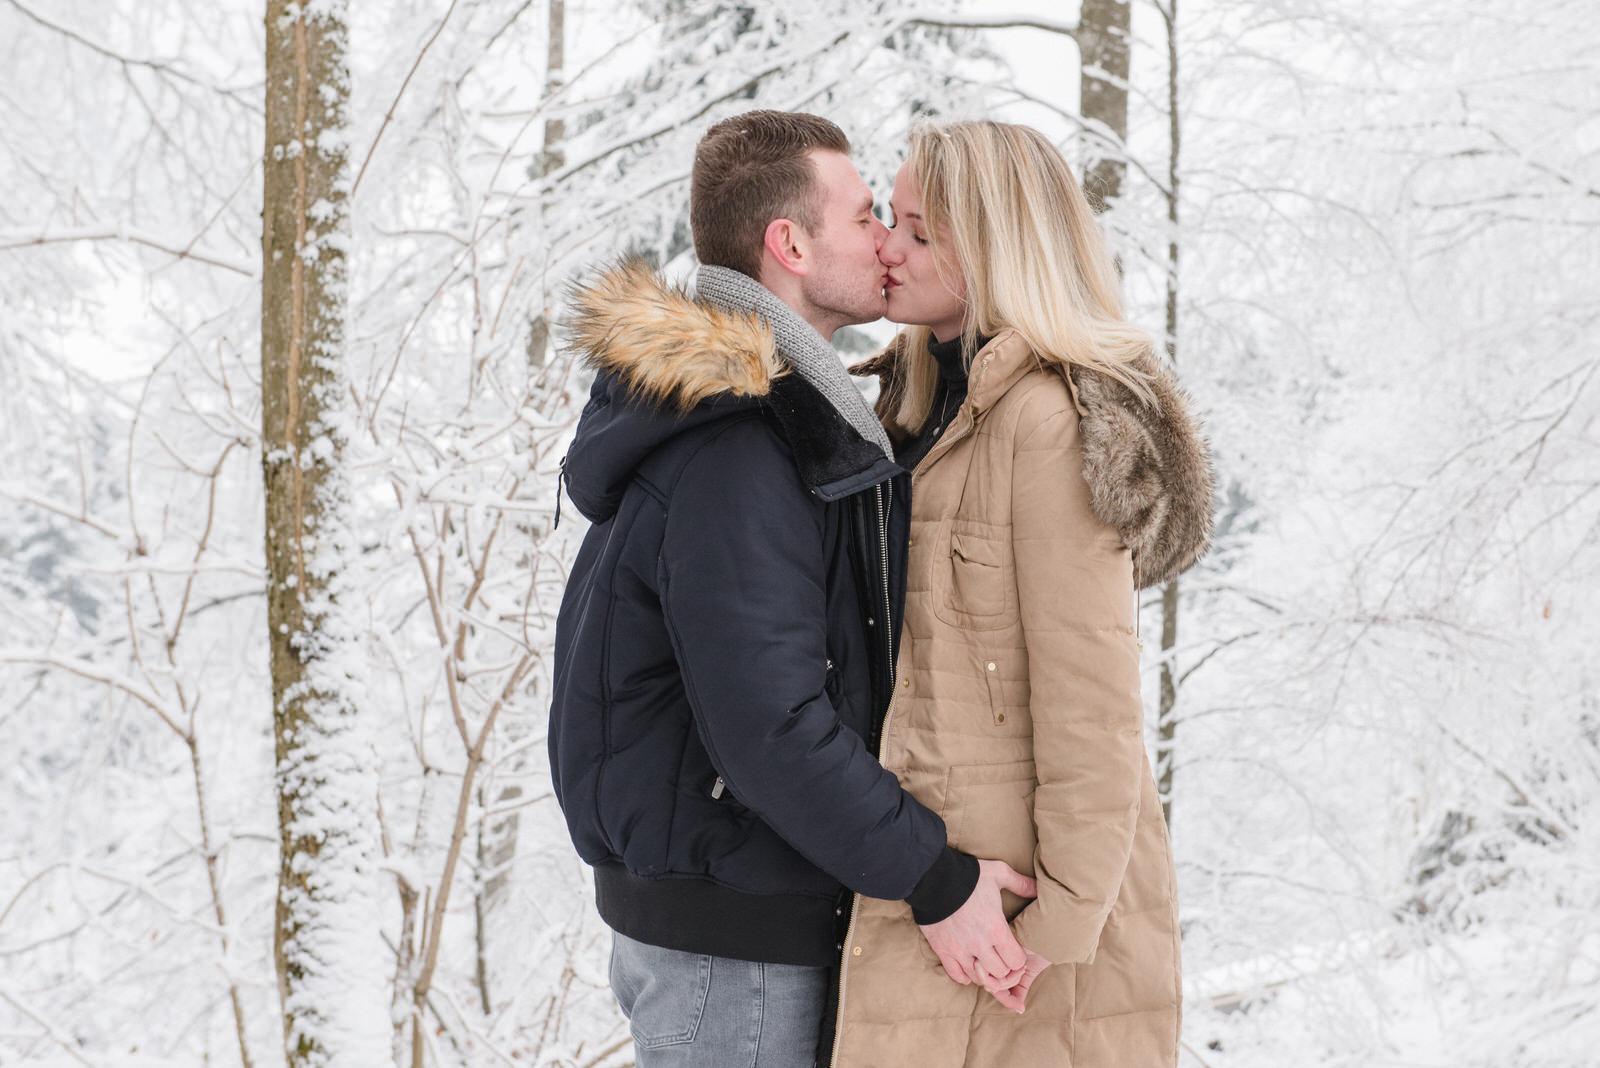 Verlobung-Shooting-Hochzeitsfotograf-Schweiz